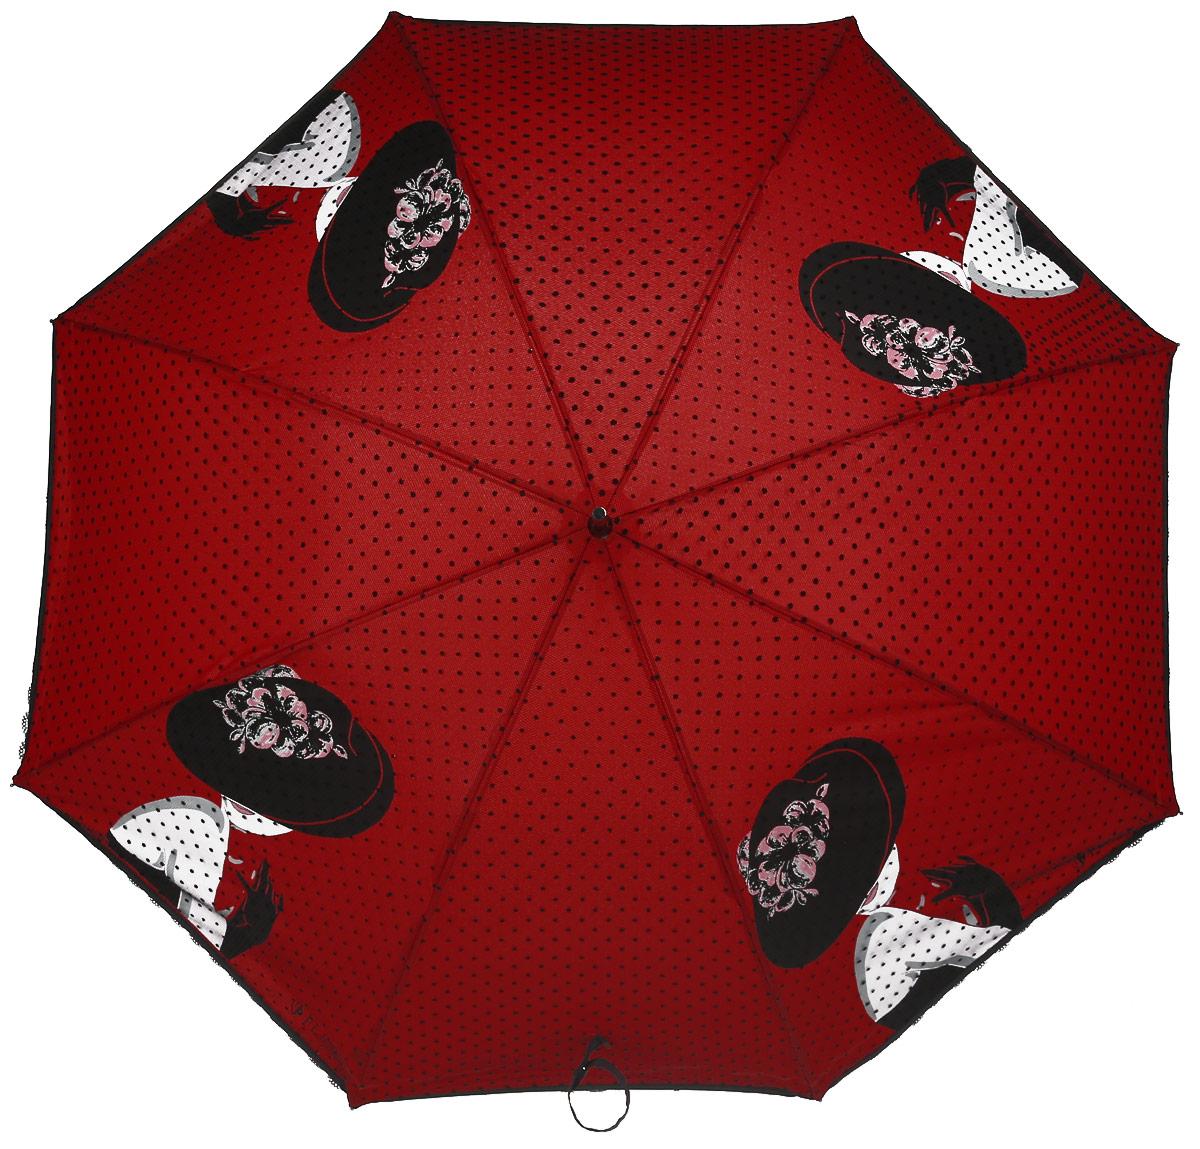 Зонт женский Flioraj, механика, трость, цвет: красный. 121203 FJ121203 FJЭлегантный зонт FJ. Уникальный каркас из анодированной стали, карбоновые спицы помогут выдержать натиск ураганного ветра. Улучшенный механизм зонта, максимально комфортная ручка держателя, увеличенный в длину стержень, тефлоновая пропитка материала купола - совершенство конструкции с изысканностью изделия на фоне конкурентоспособной цены.